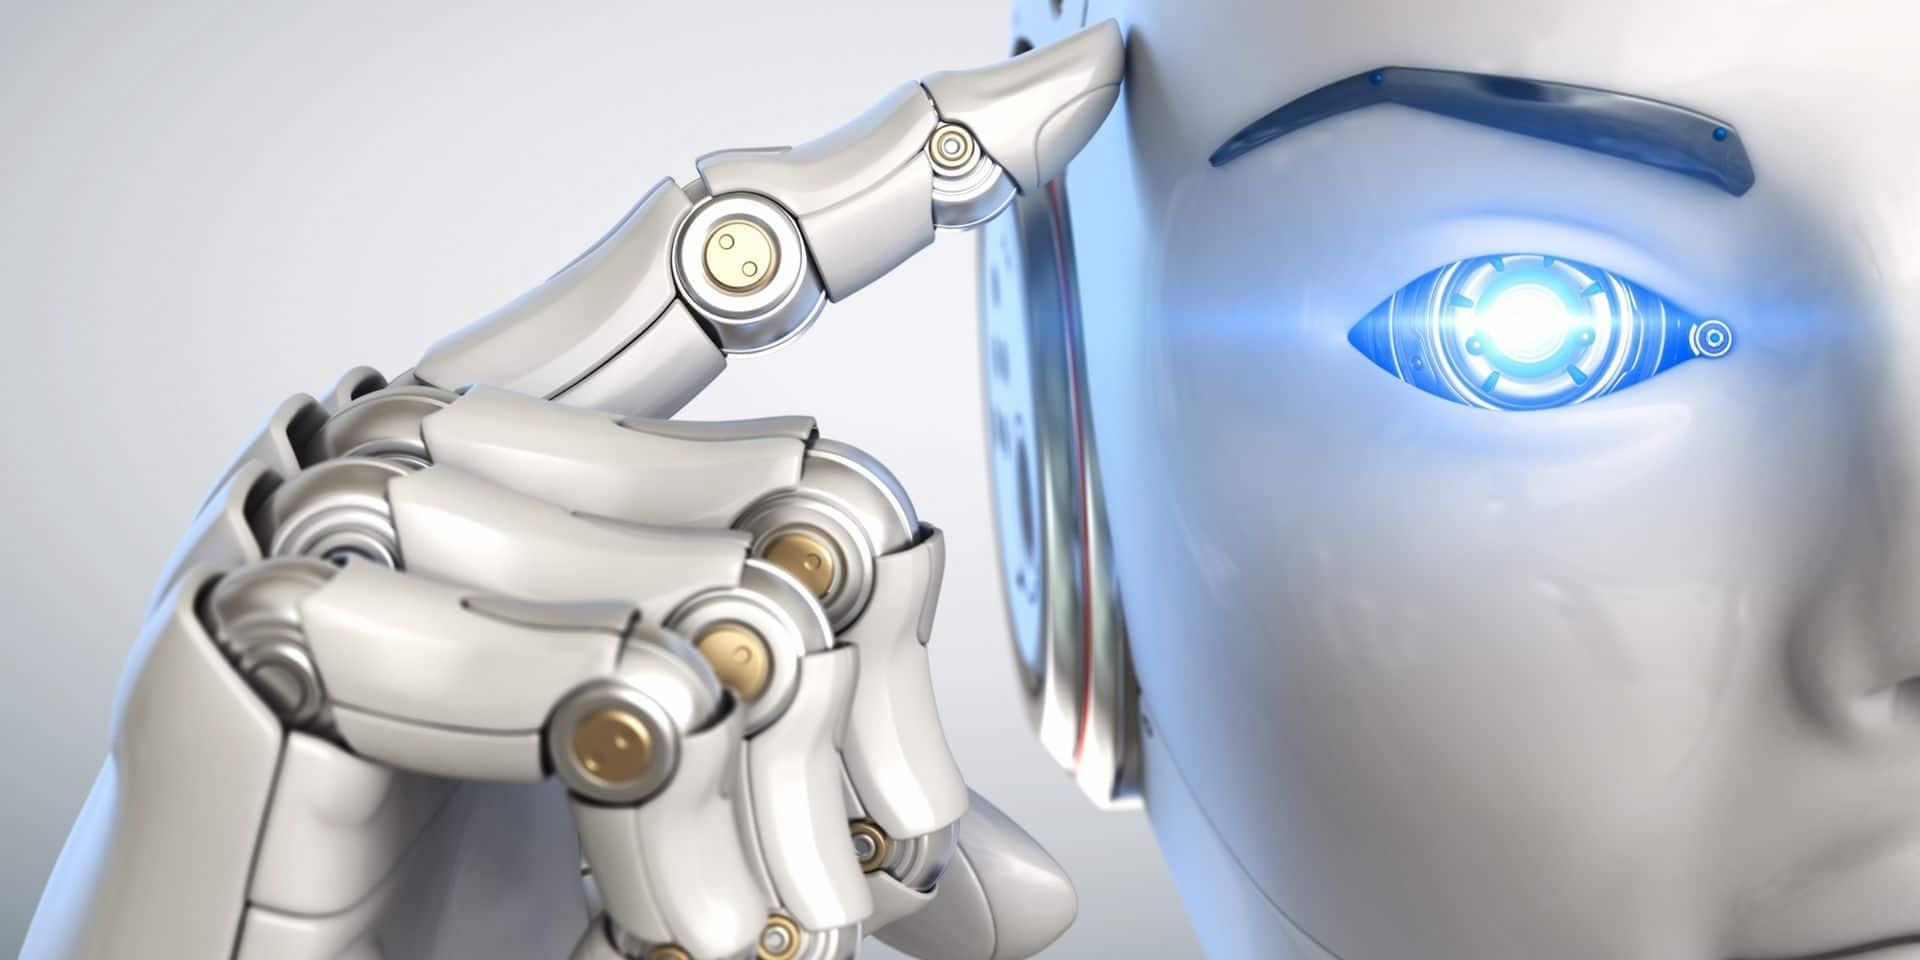 Intelligence artificielle : Nous voulons une réglementation intelligente, pas un deuxième RGPD qui coûterait cher aux PME